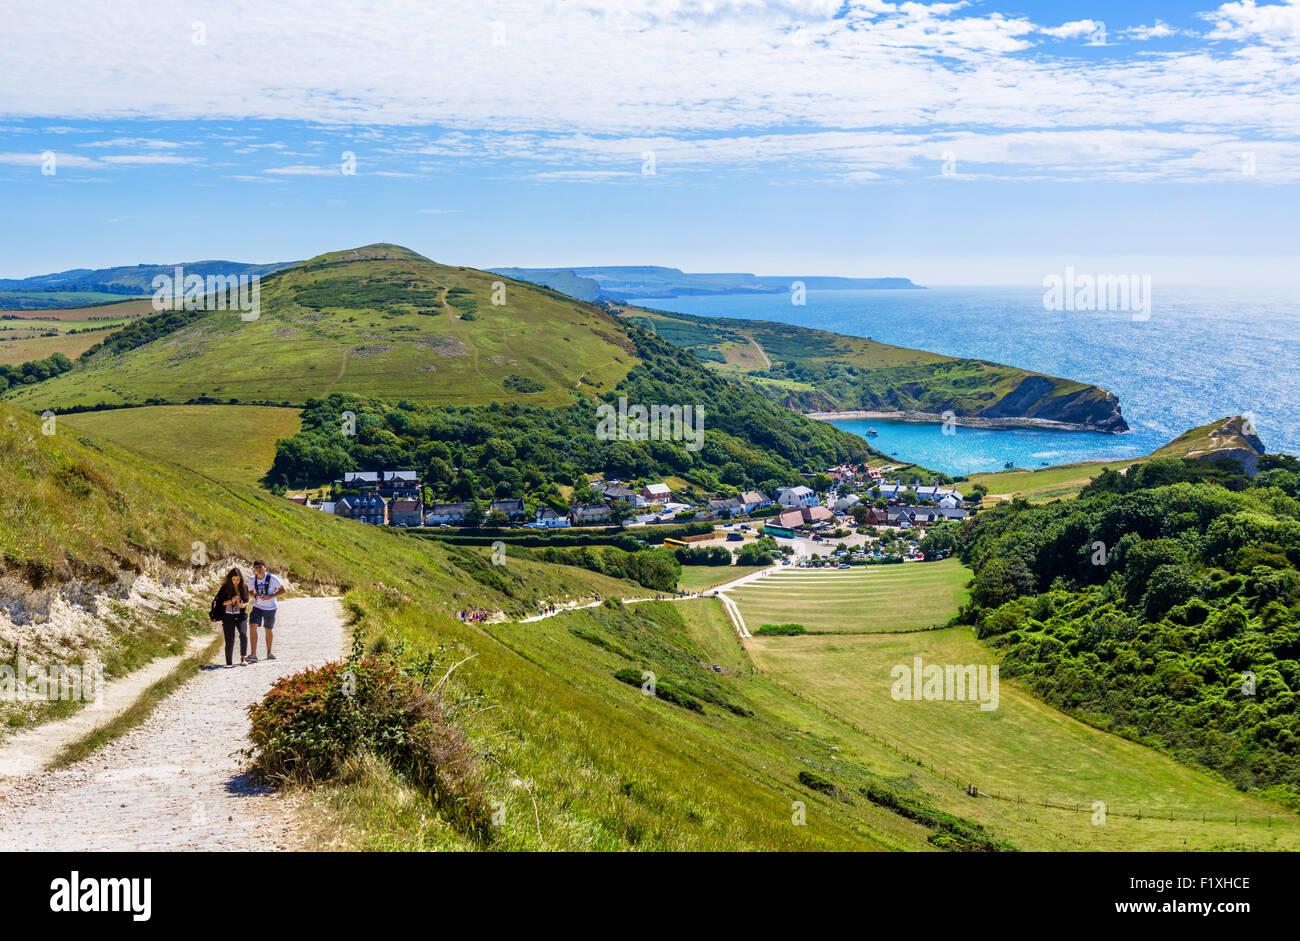 Caminantes en la ruta de la costa sur oeste con vistas Lulworth Cove, Lulworth, la Costa Jurásica, en Dorset, Inglaterra, Foto de stock